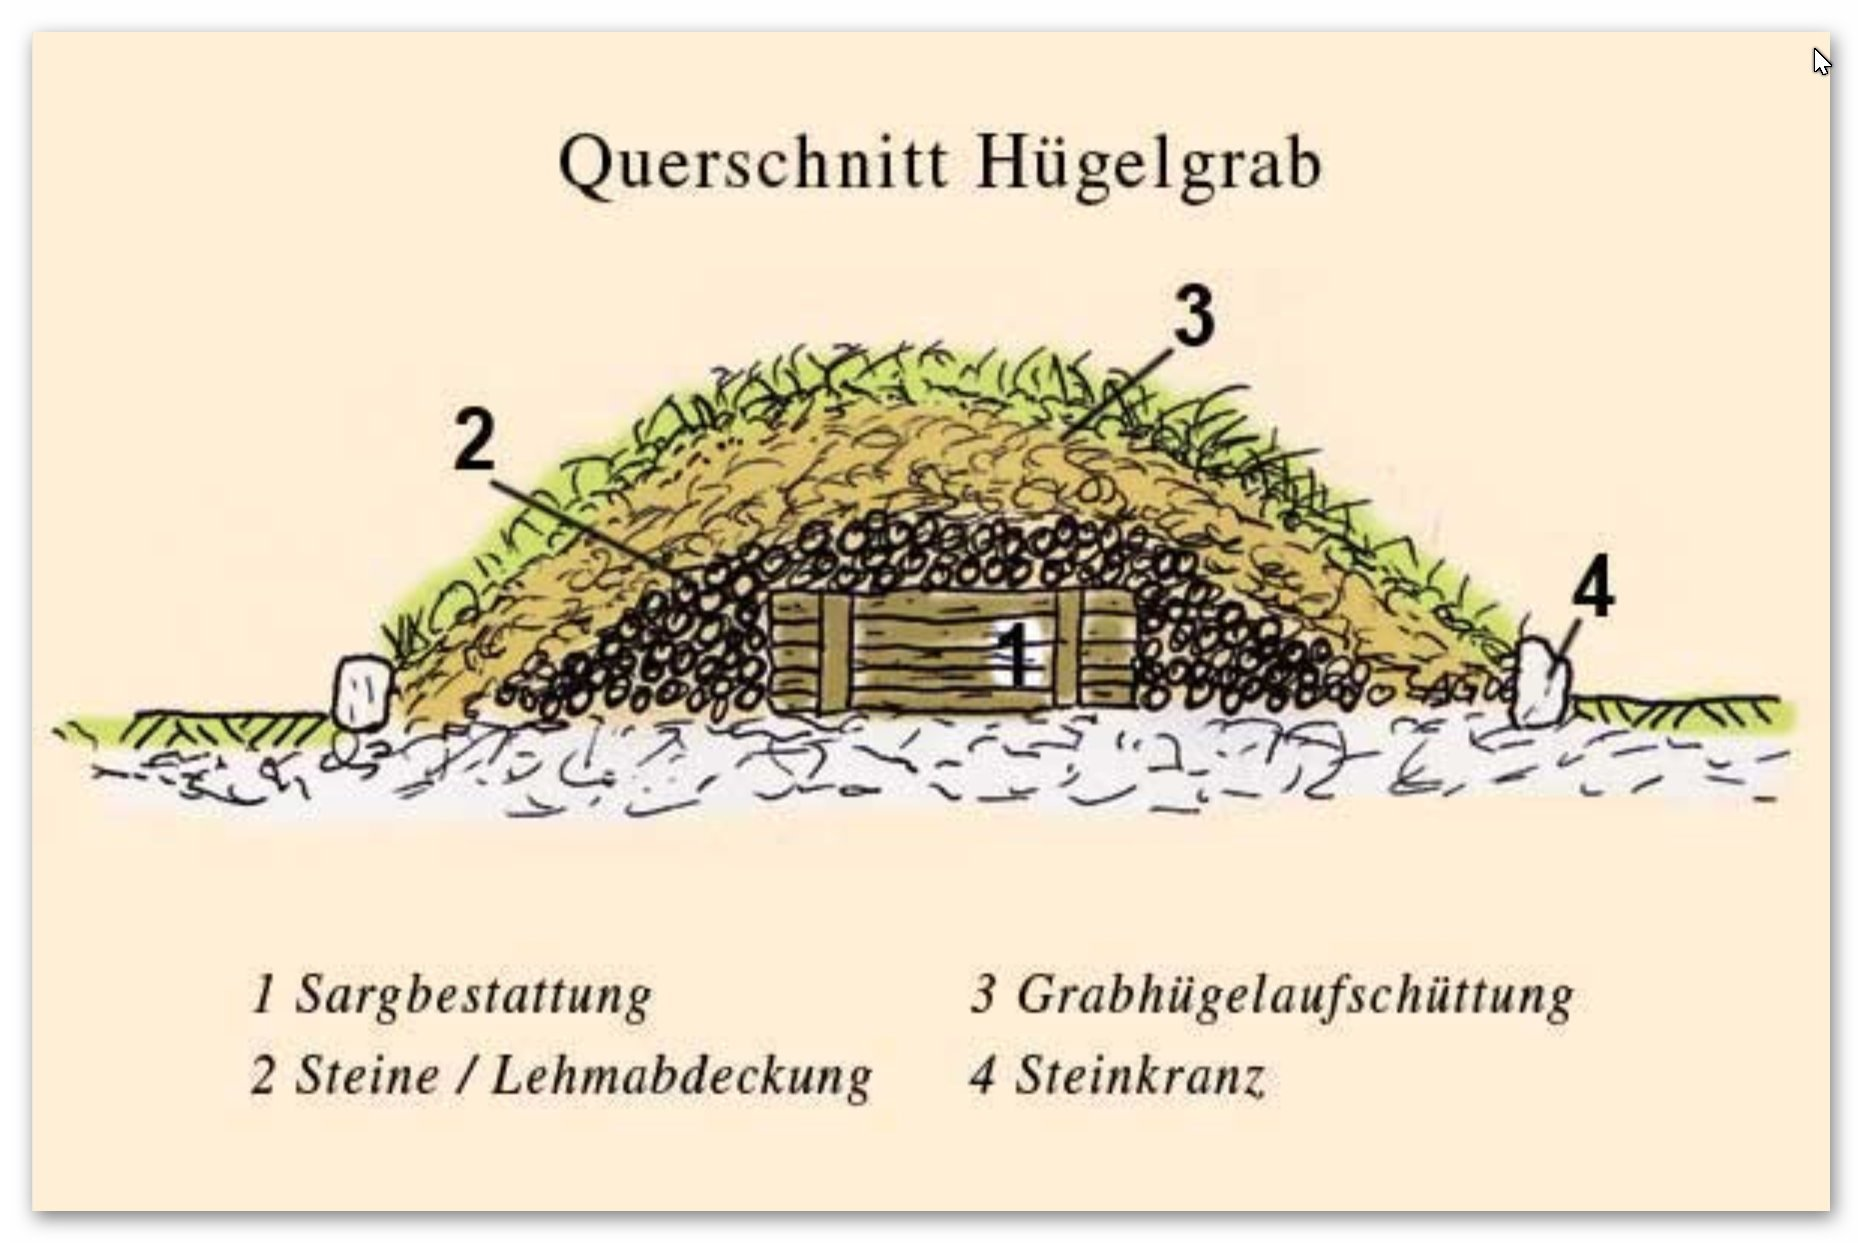 https://0501.nccdn.net/4_2/000/000/03f/ac7/H--gelgrab-Querschnitt-1862x1243.jpg